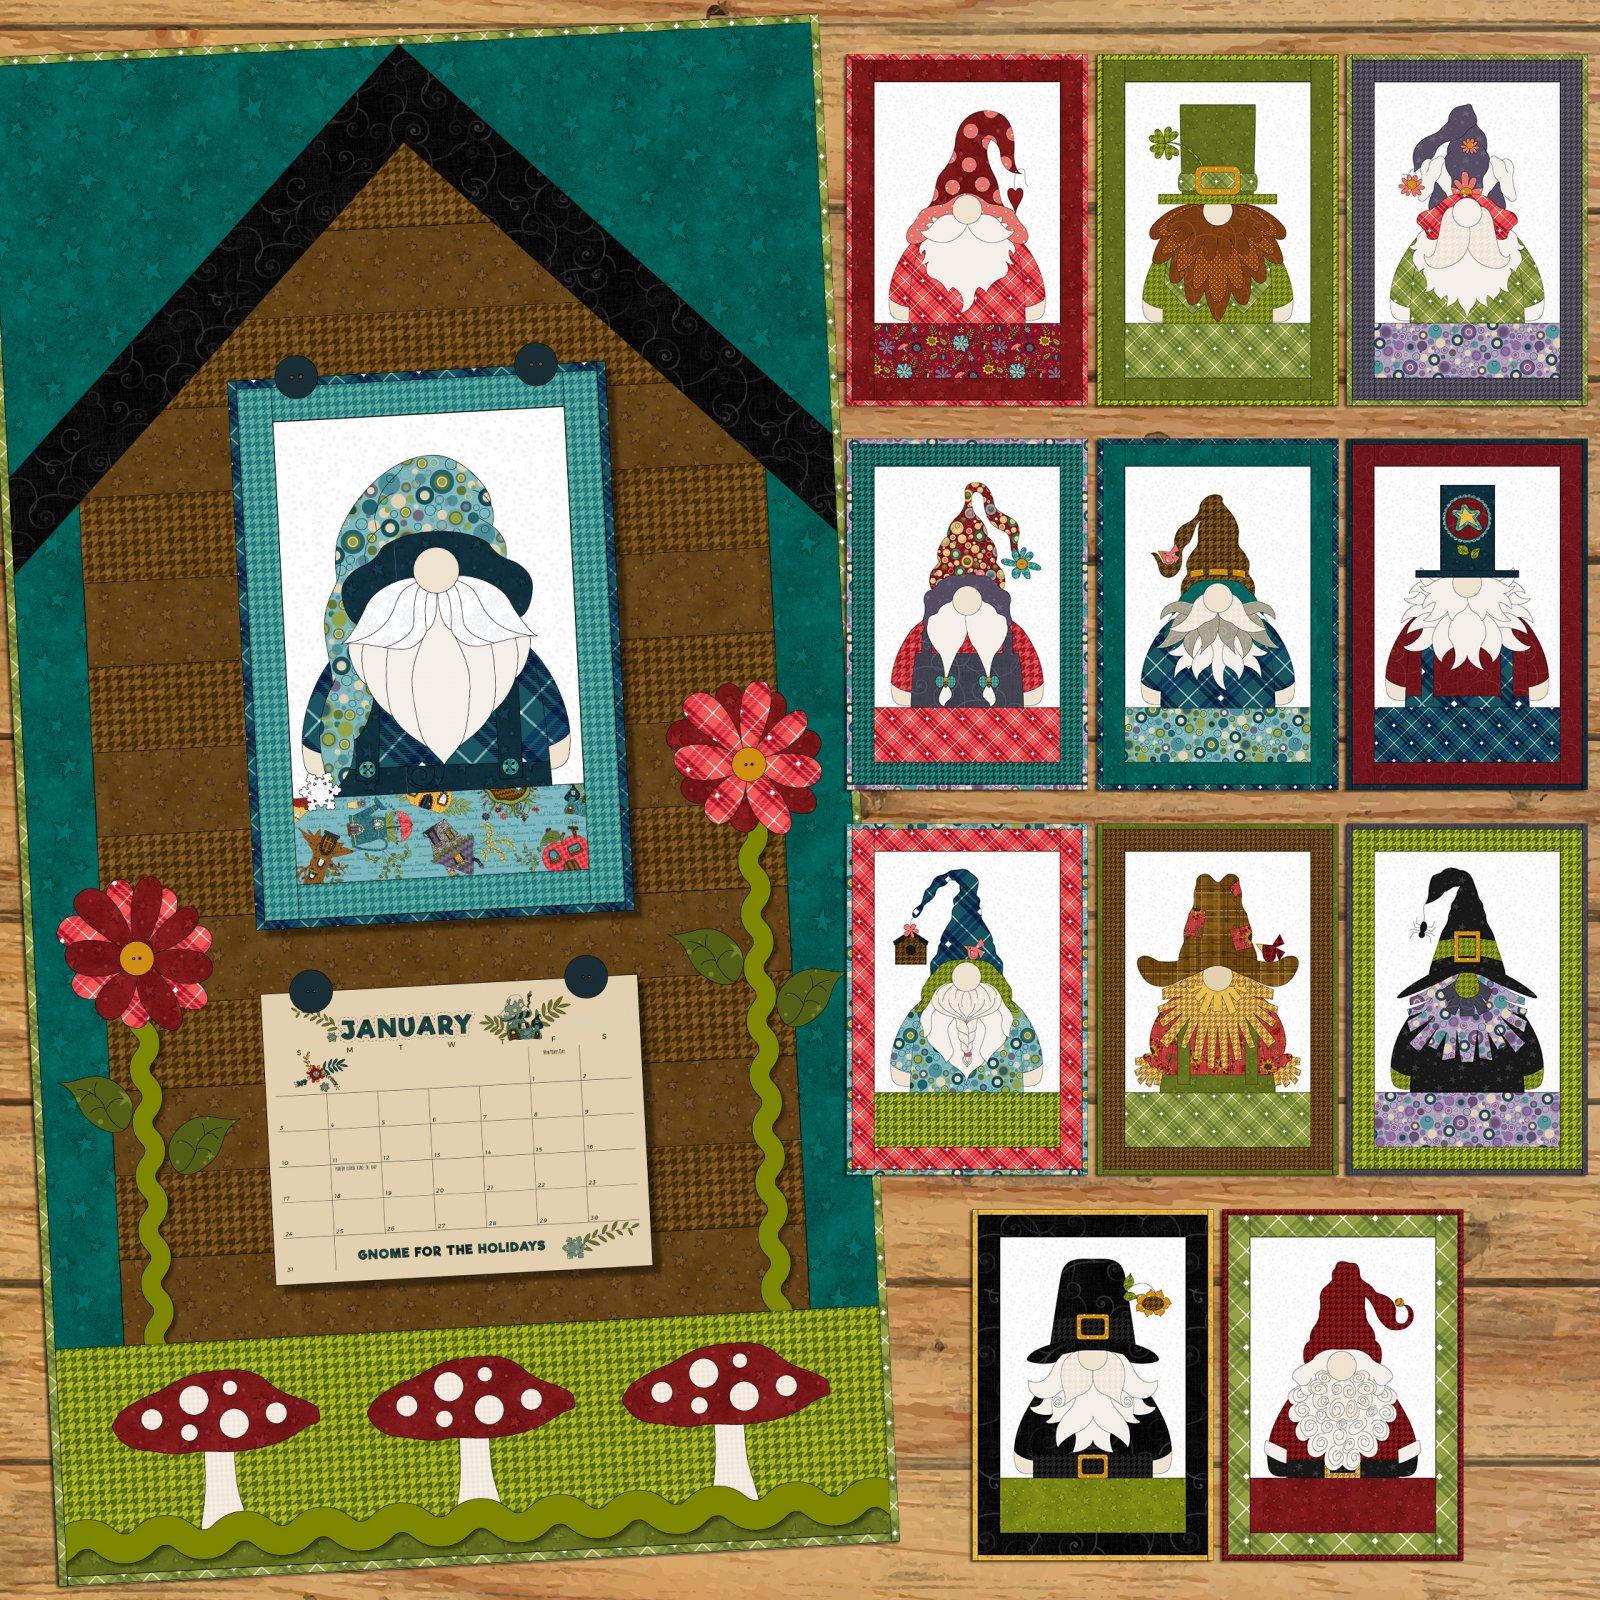 Gnome for the Holidays Calendar Applique Quilt Precut Pack